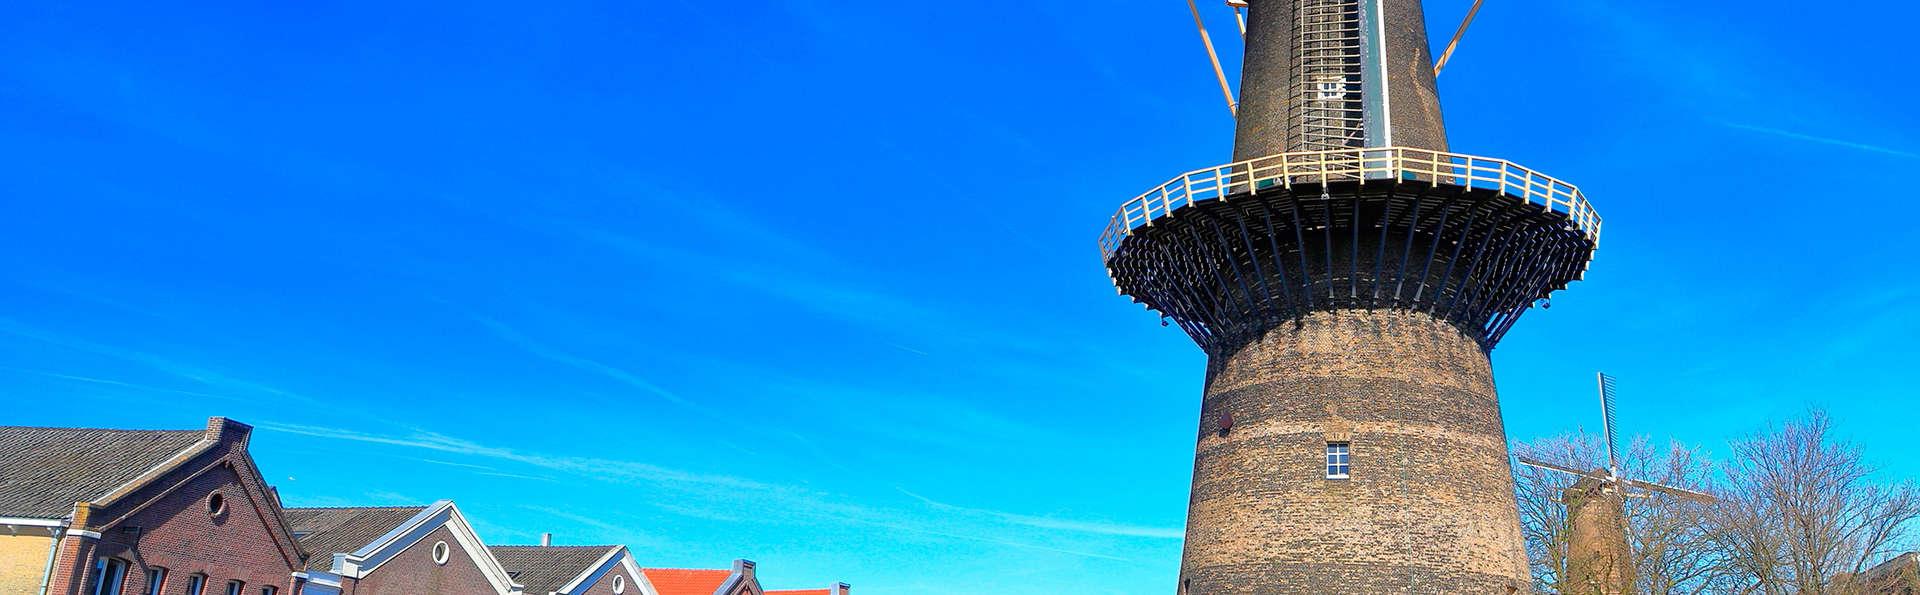 Novotel Rotterdam Schiedam - EDIT_destination1.jpg